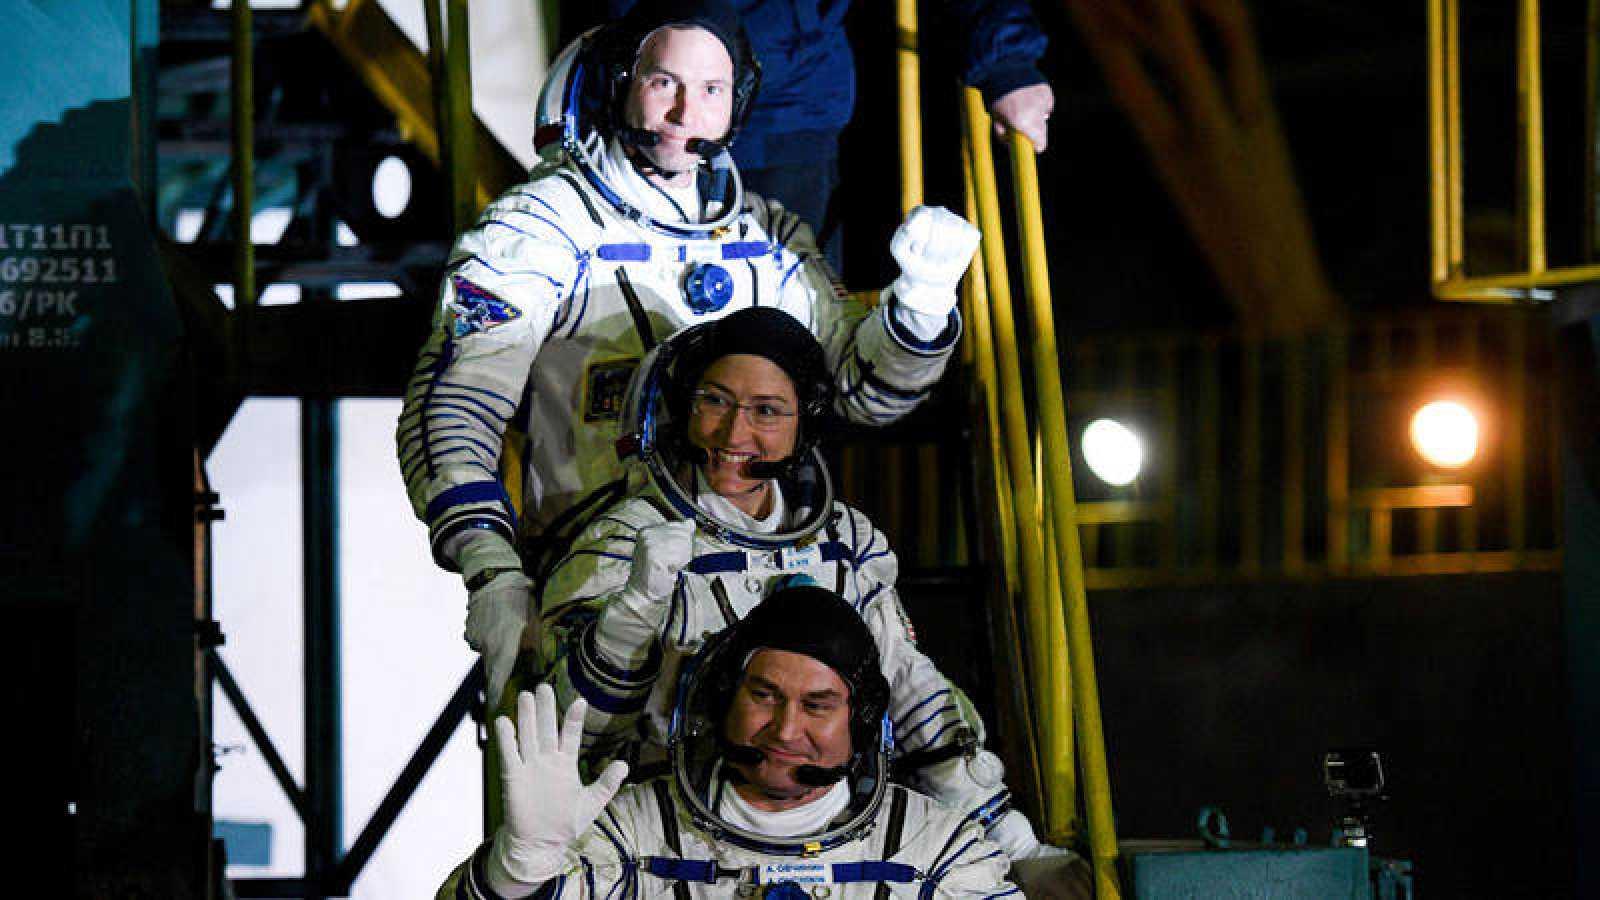 Los tres astronautas que viajan a bordo de la nave espacial Soyuz MS-12